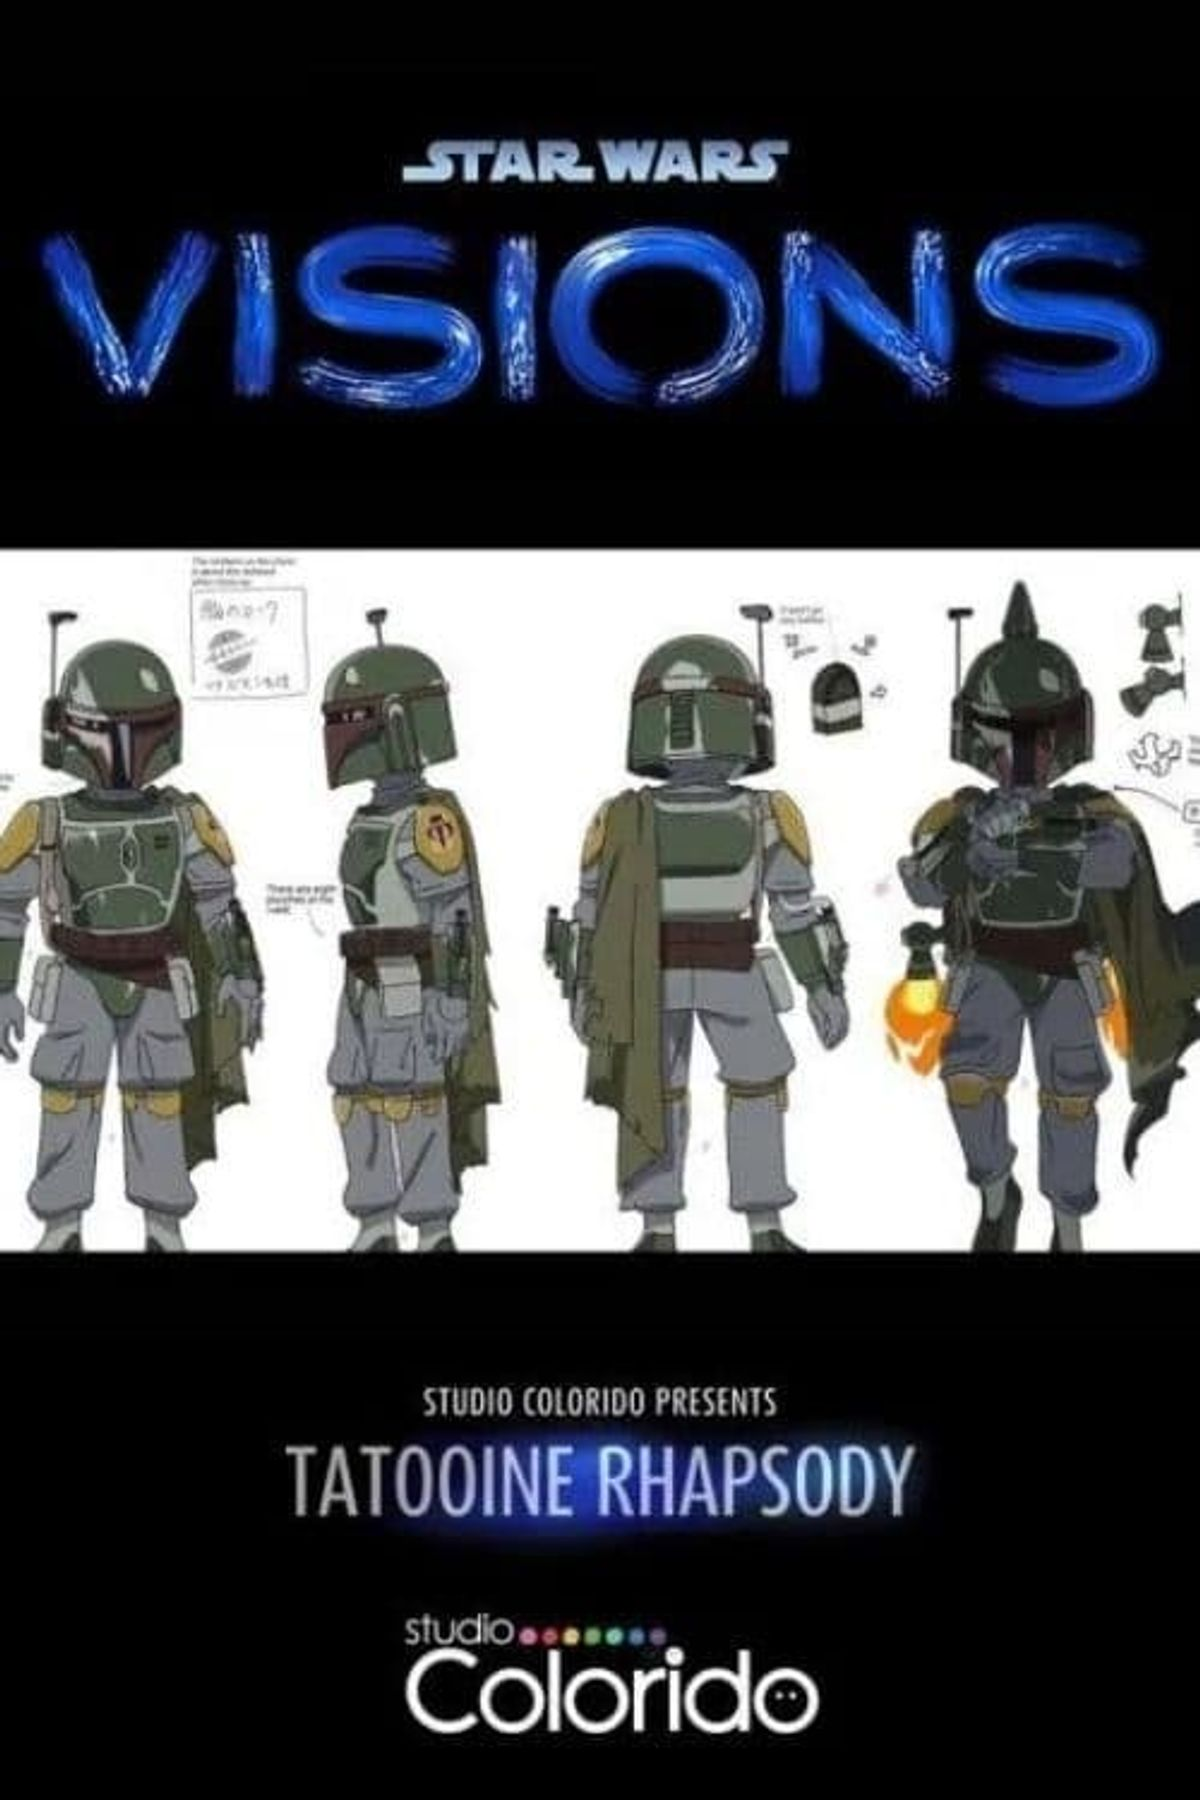 Tatooine Rhapsody